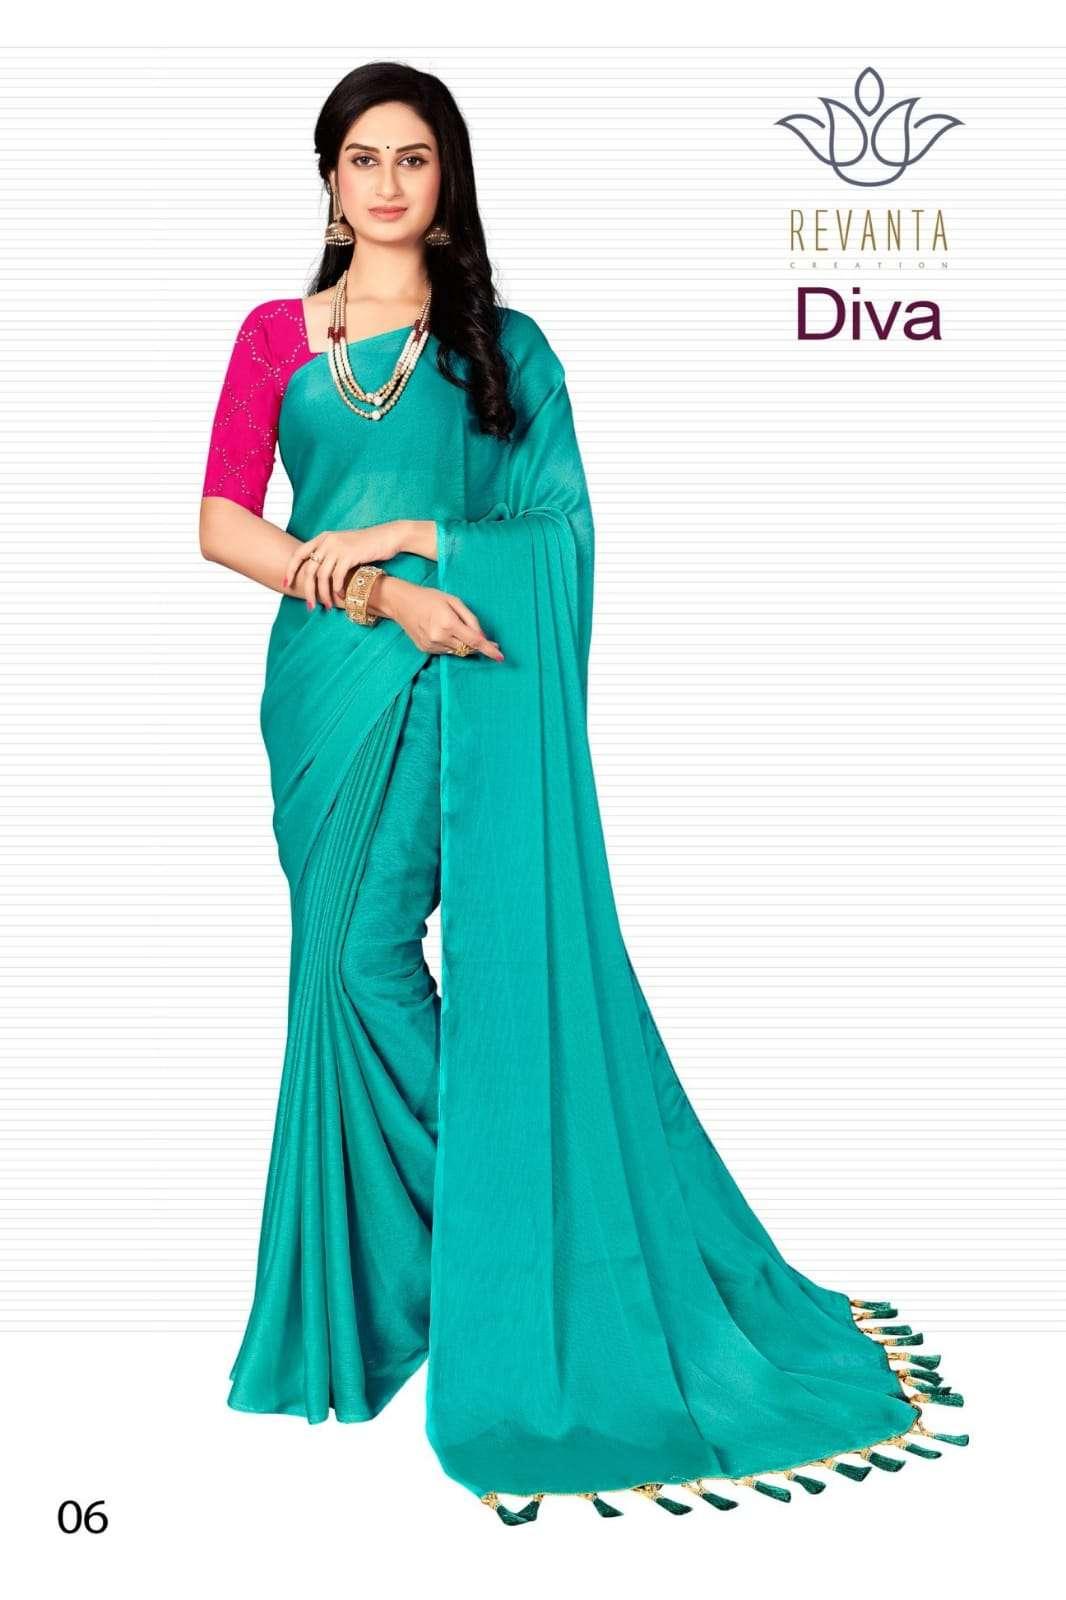 Revanto Combo Diva Fancy Indian Chiffon Saree Catalog Wholesaler